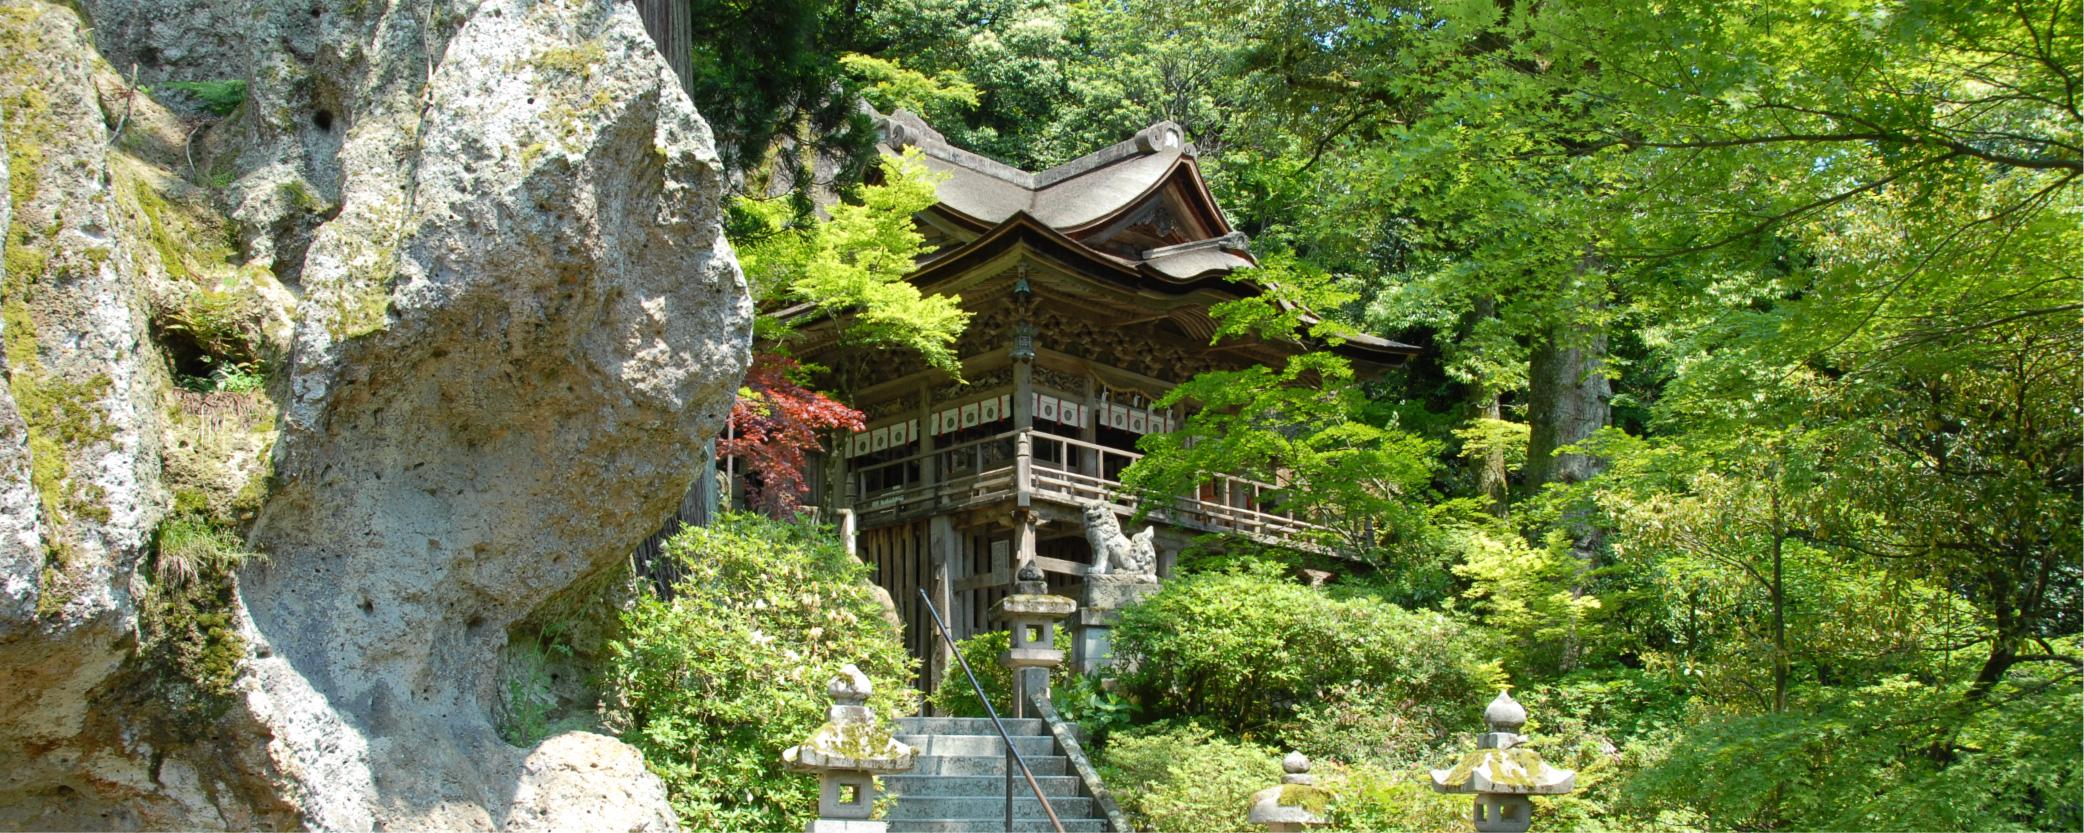 那谷寺の夏